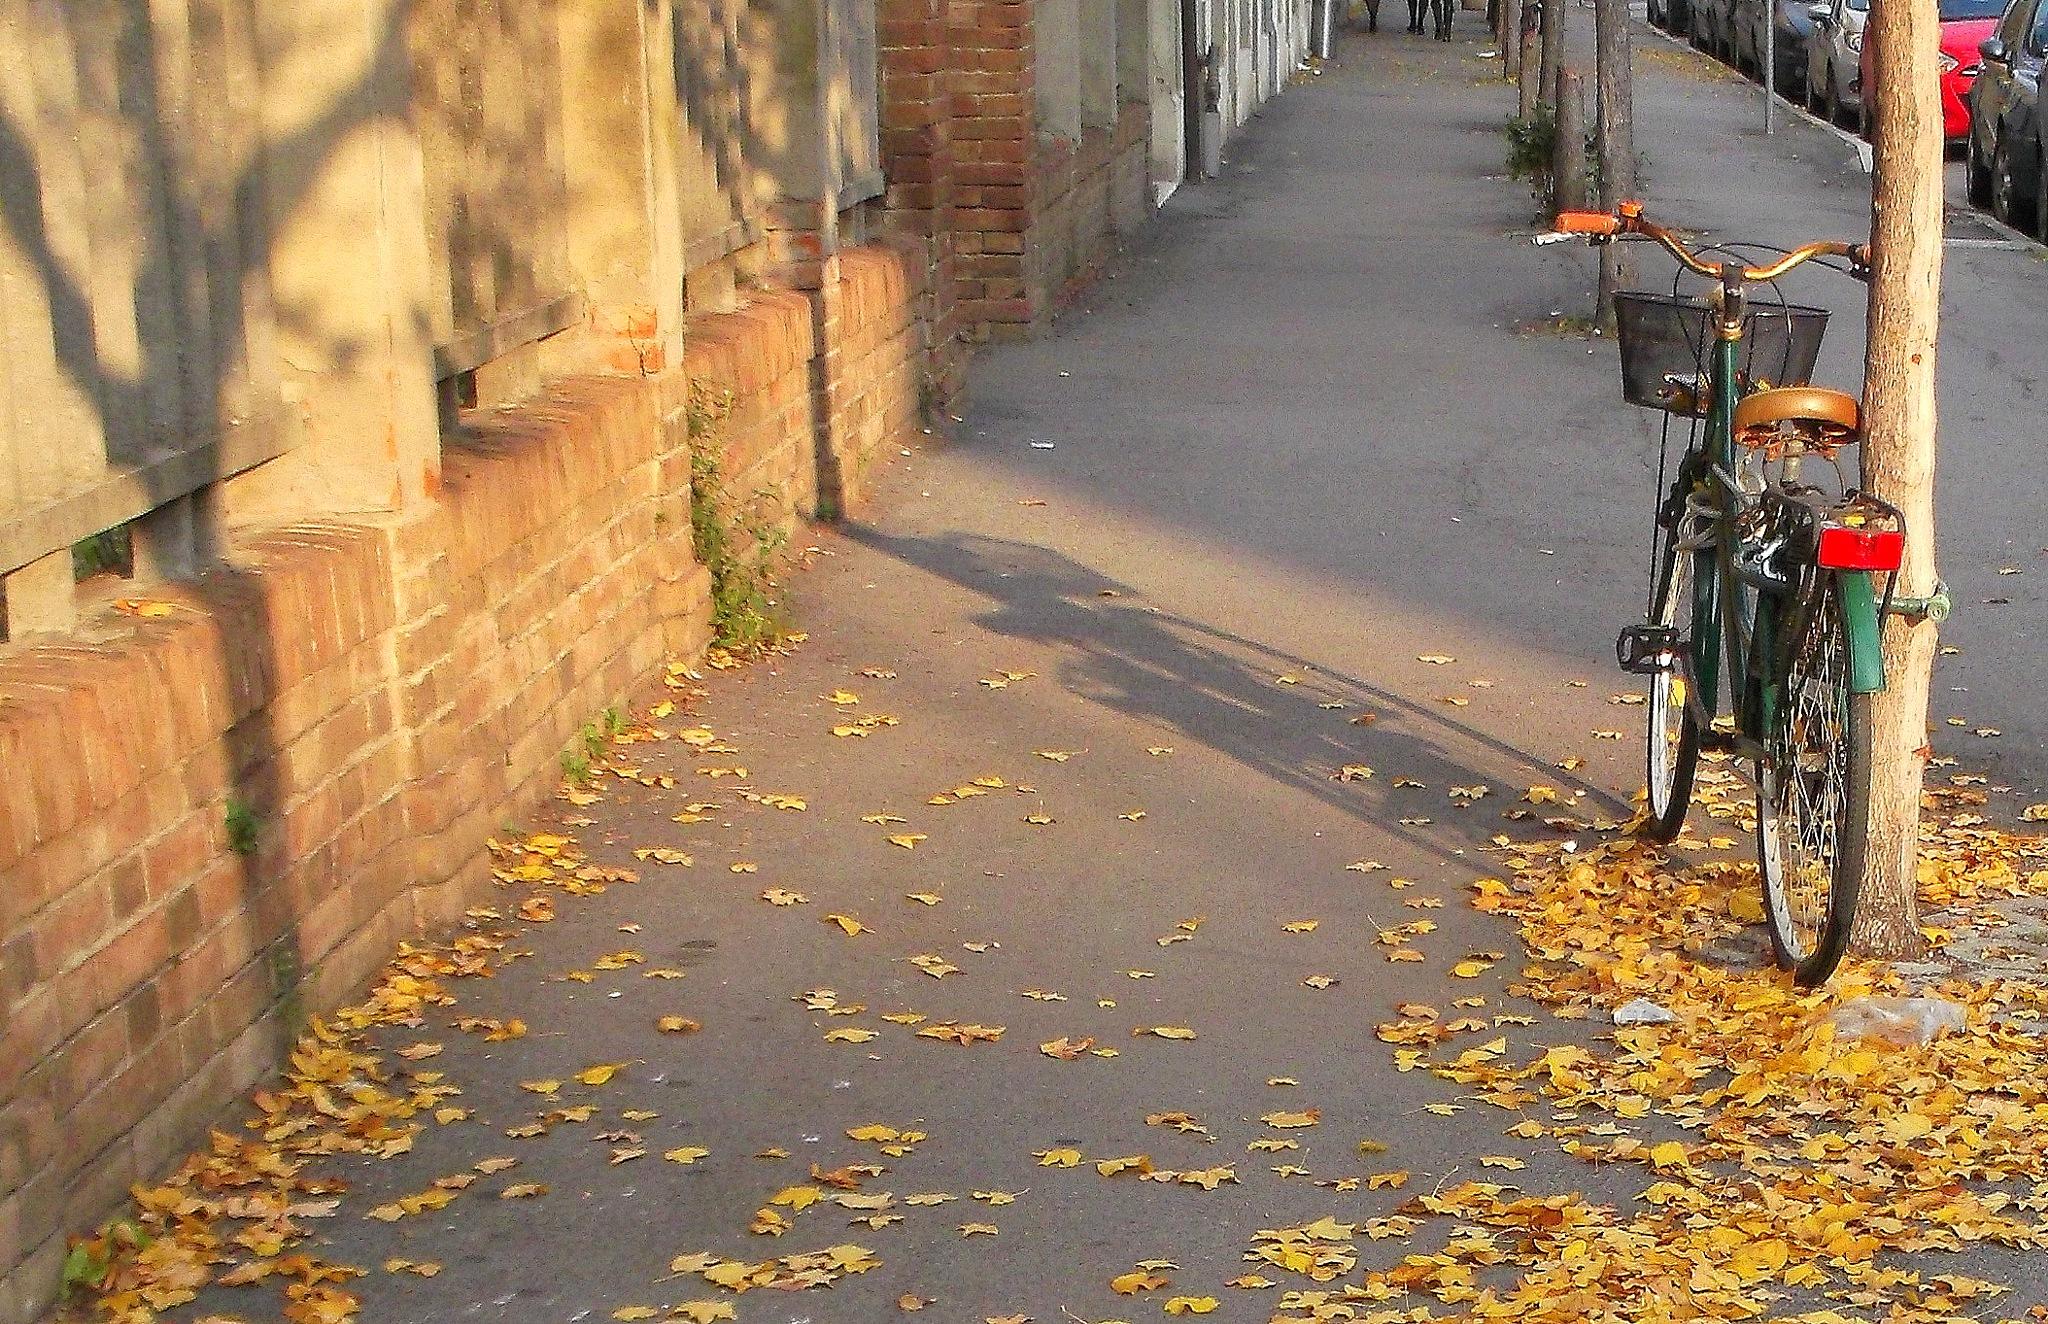 Autumn Cityscape by Nicola Alocci